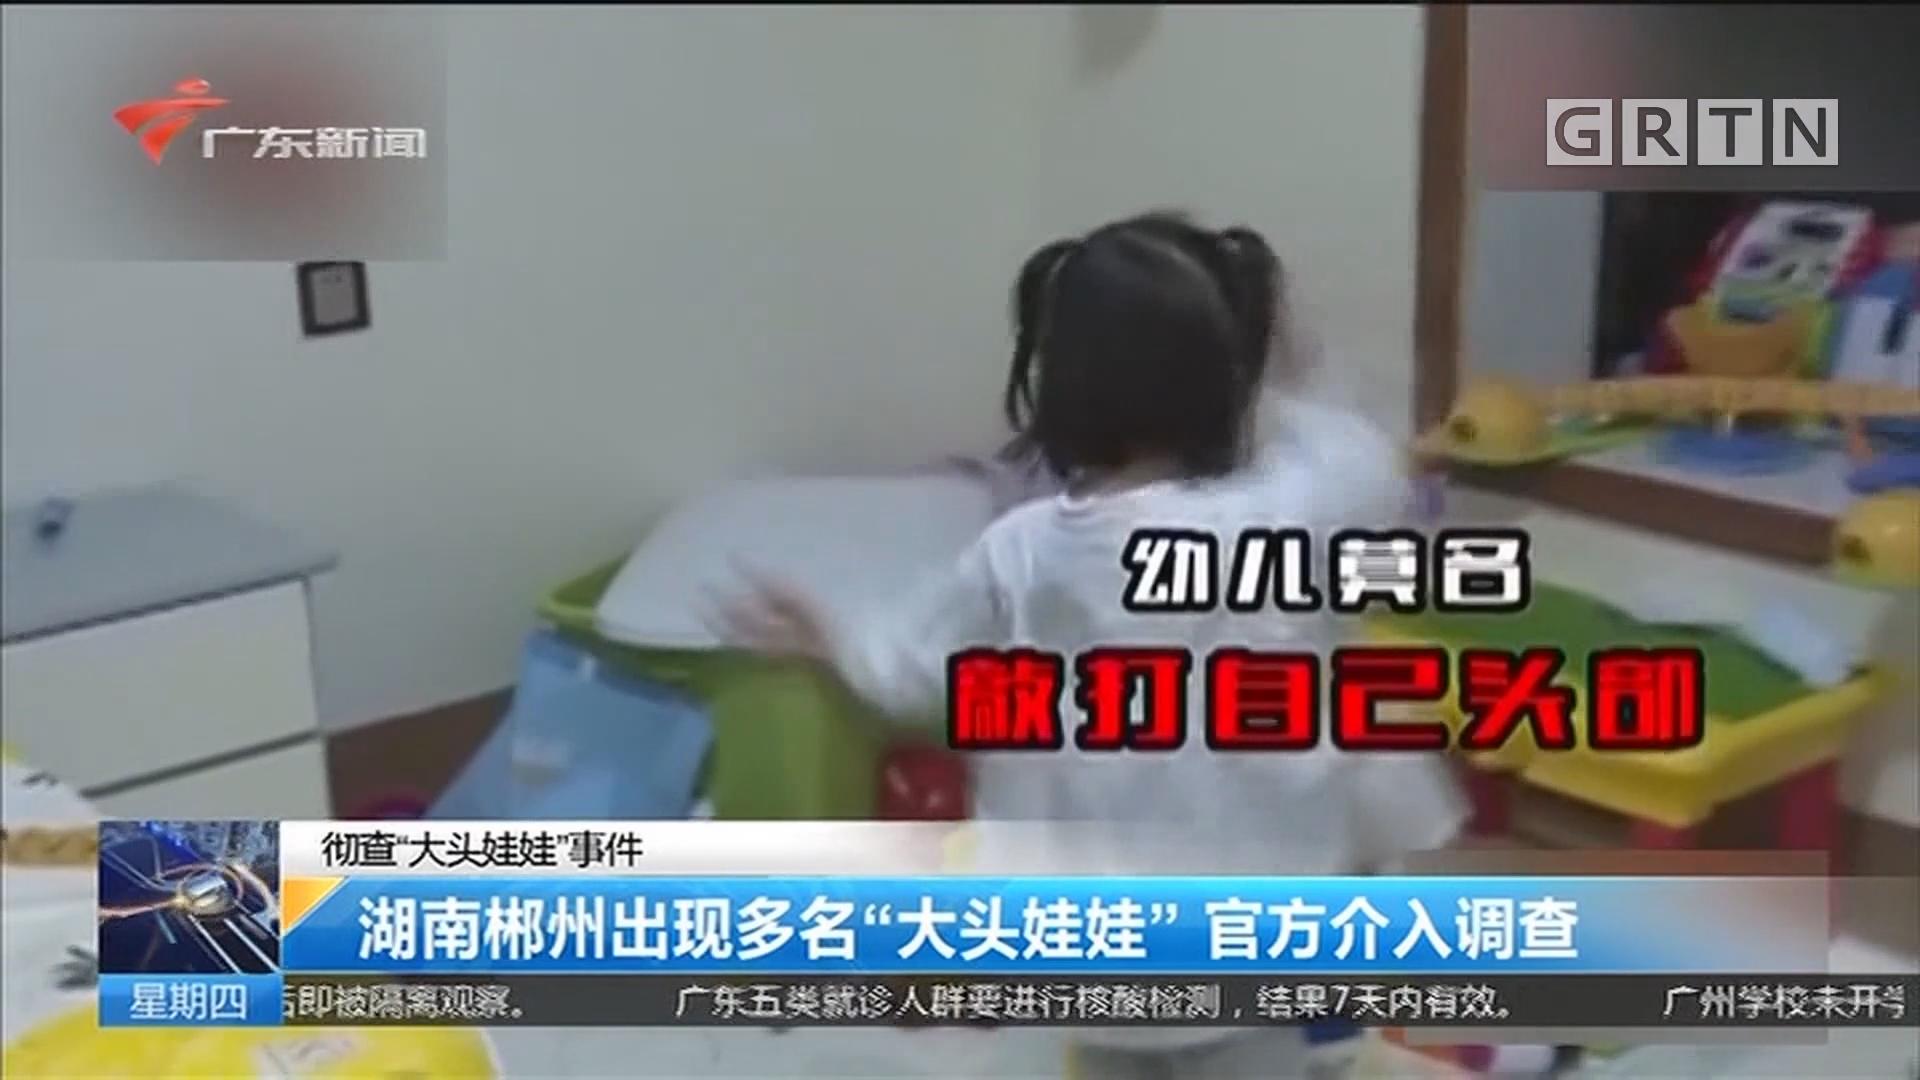 """彻查""""大头娃娃""""事件 湖南郴州出现多名""""大头娃娃"""" 官方介入调查"""